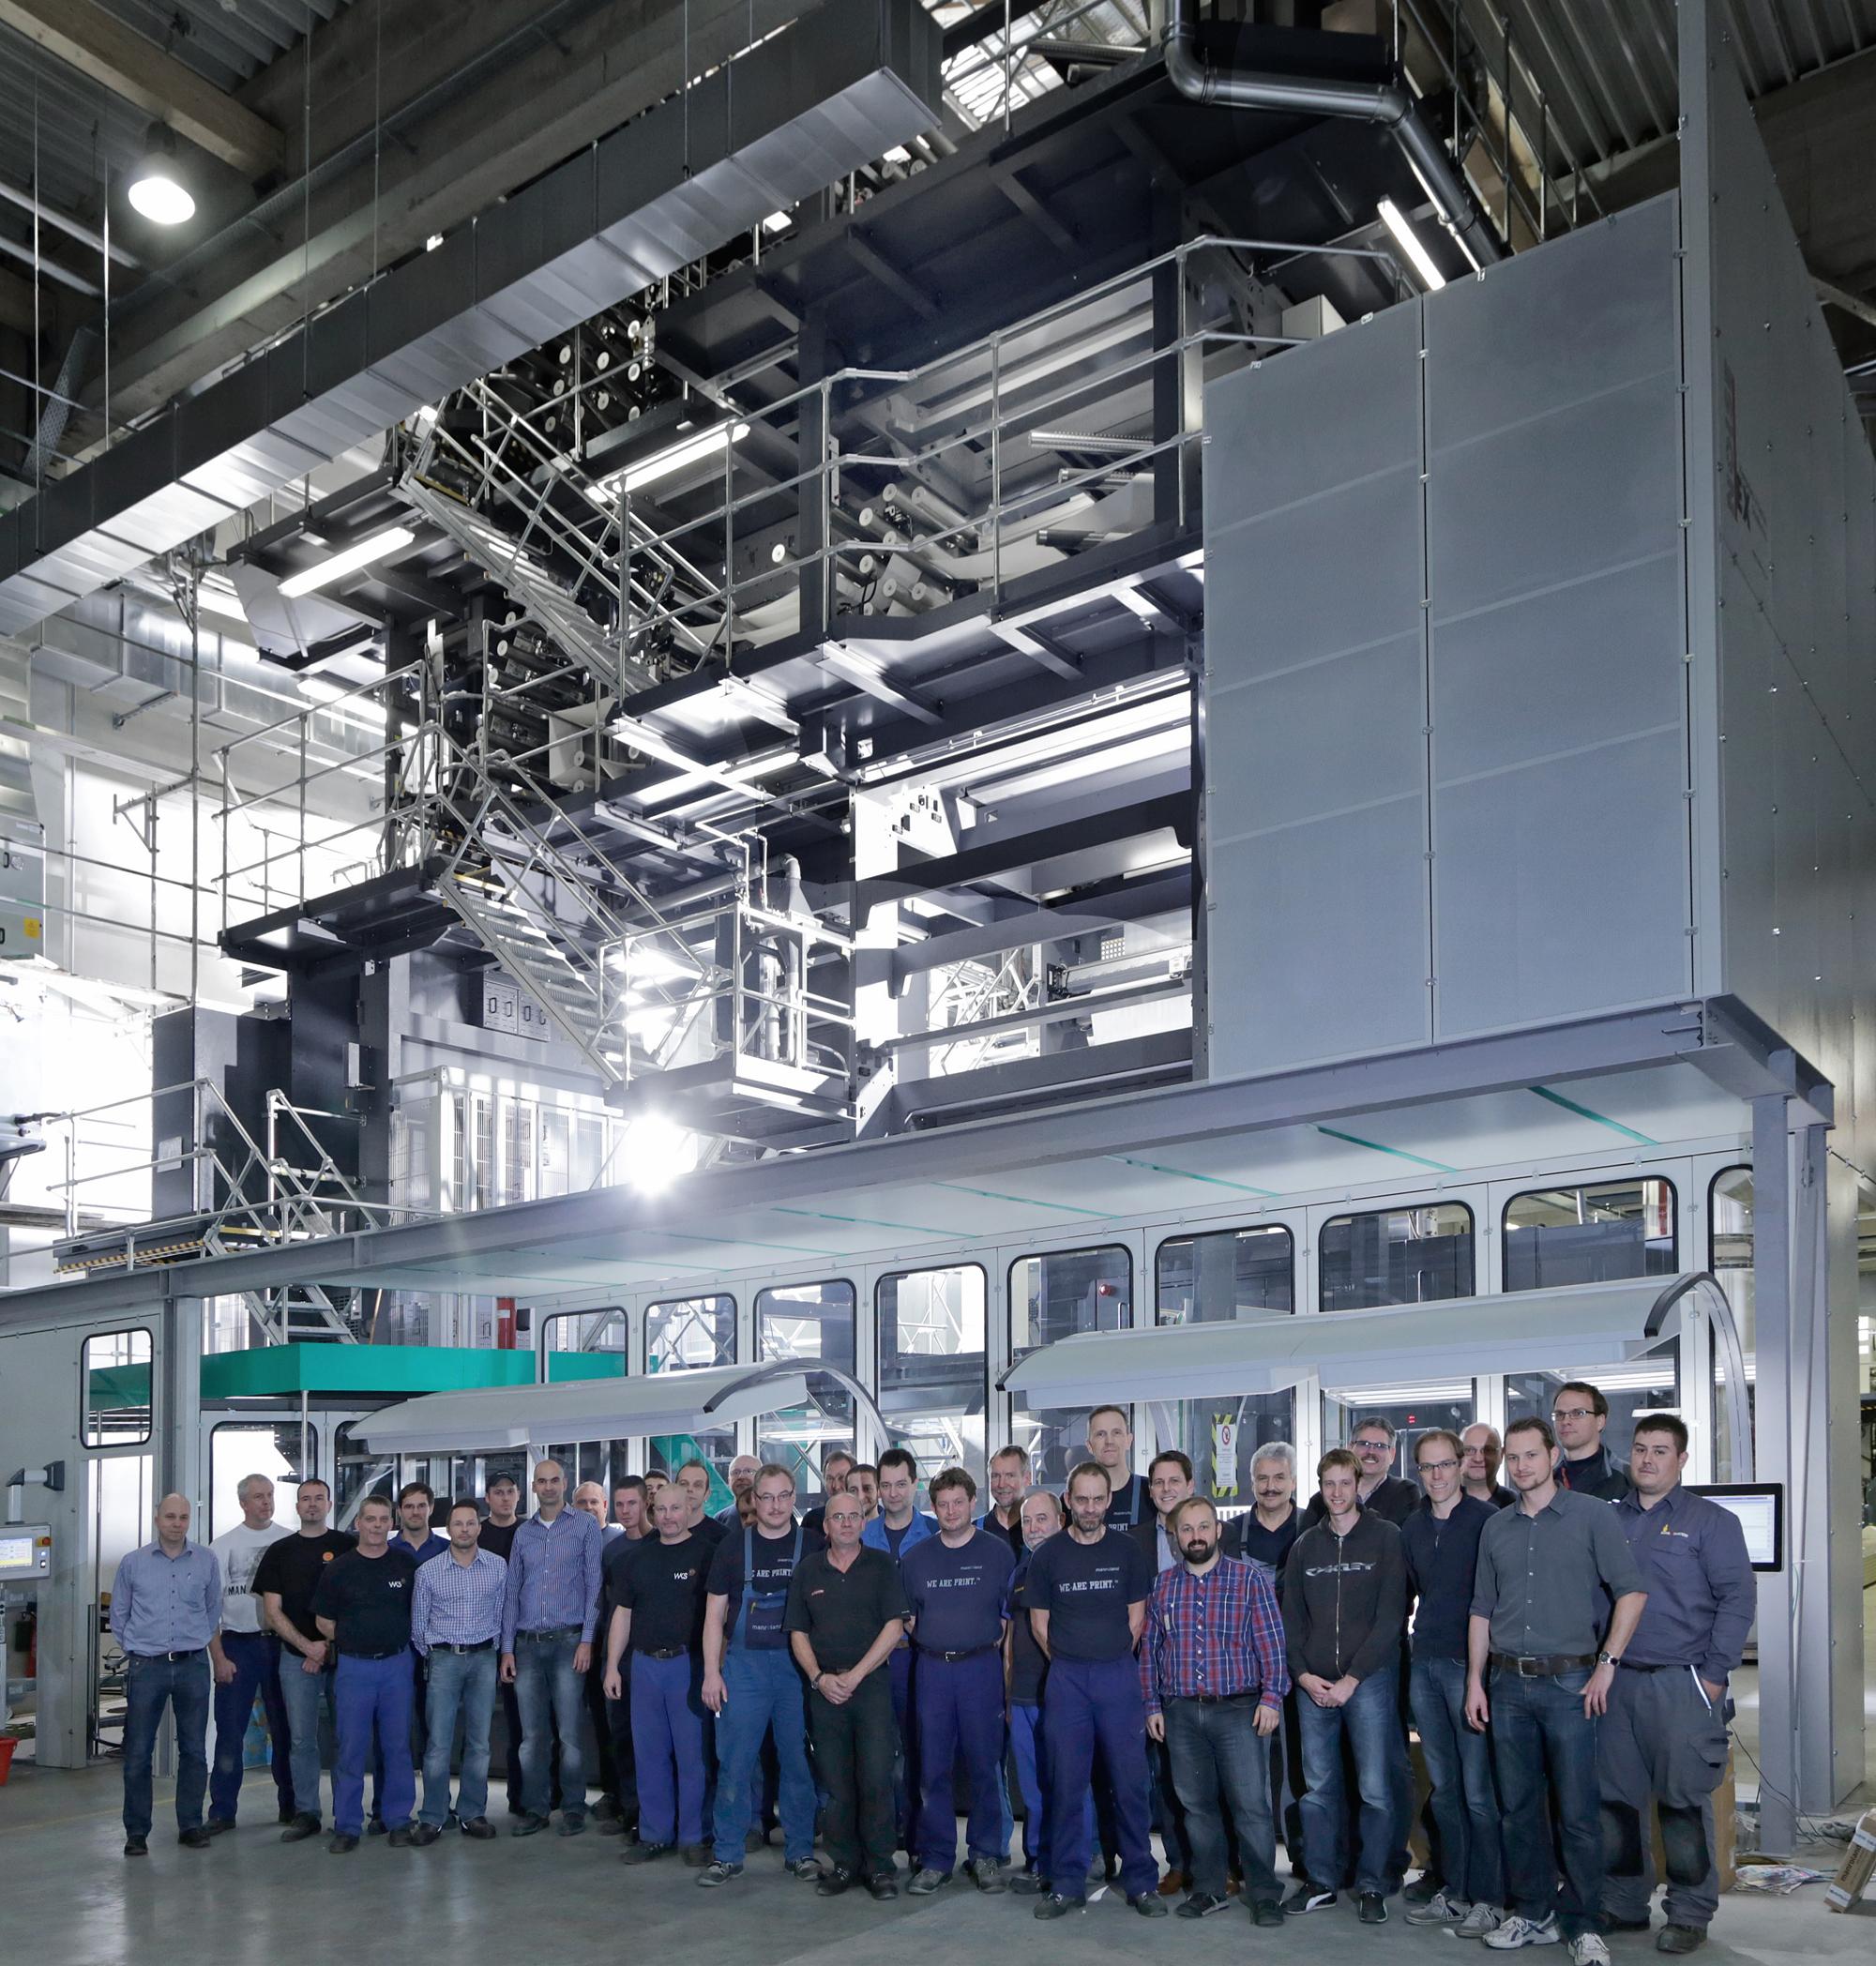 manroland web systems създадоха първата 120 странична преса в германската печатница Kraft-Schlötels